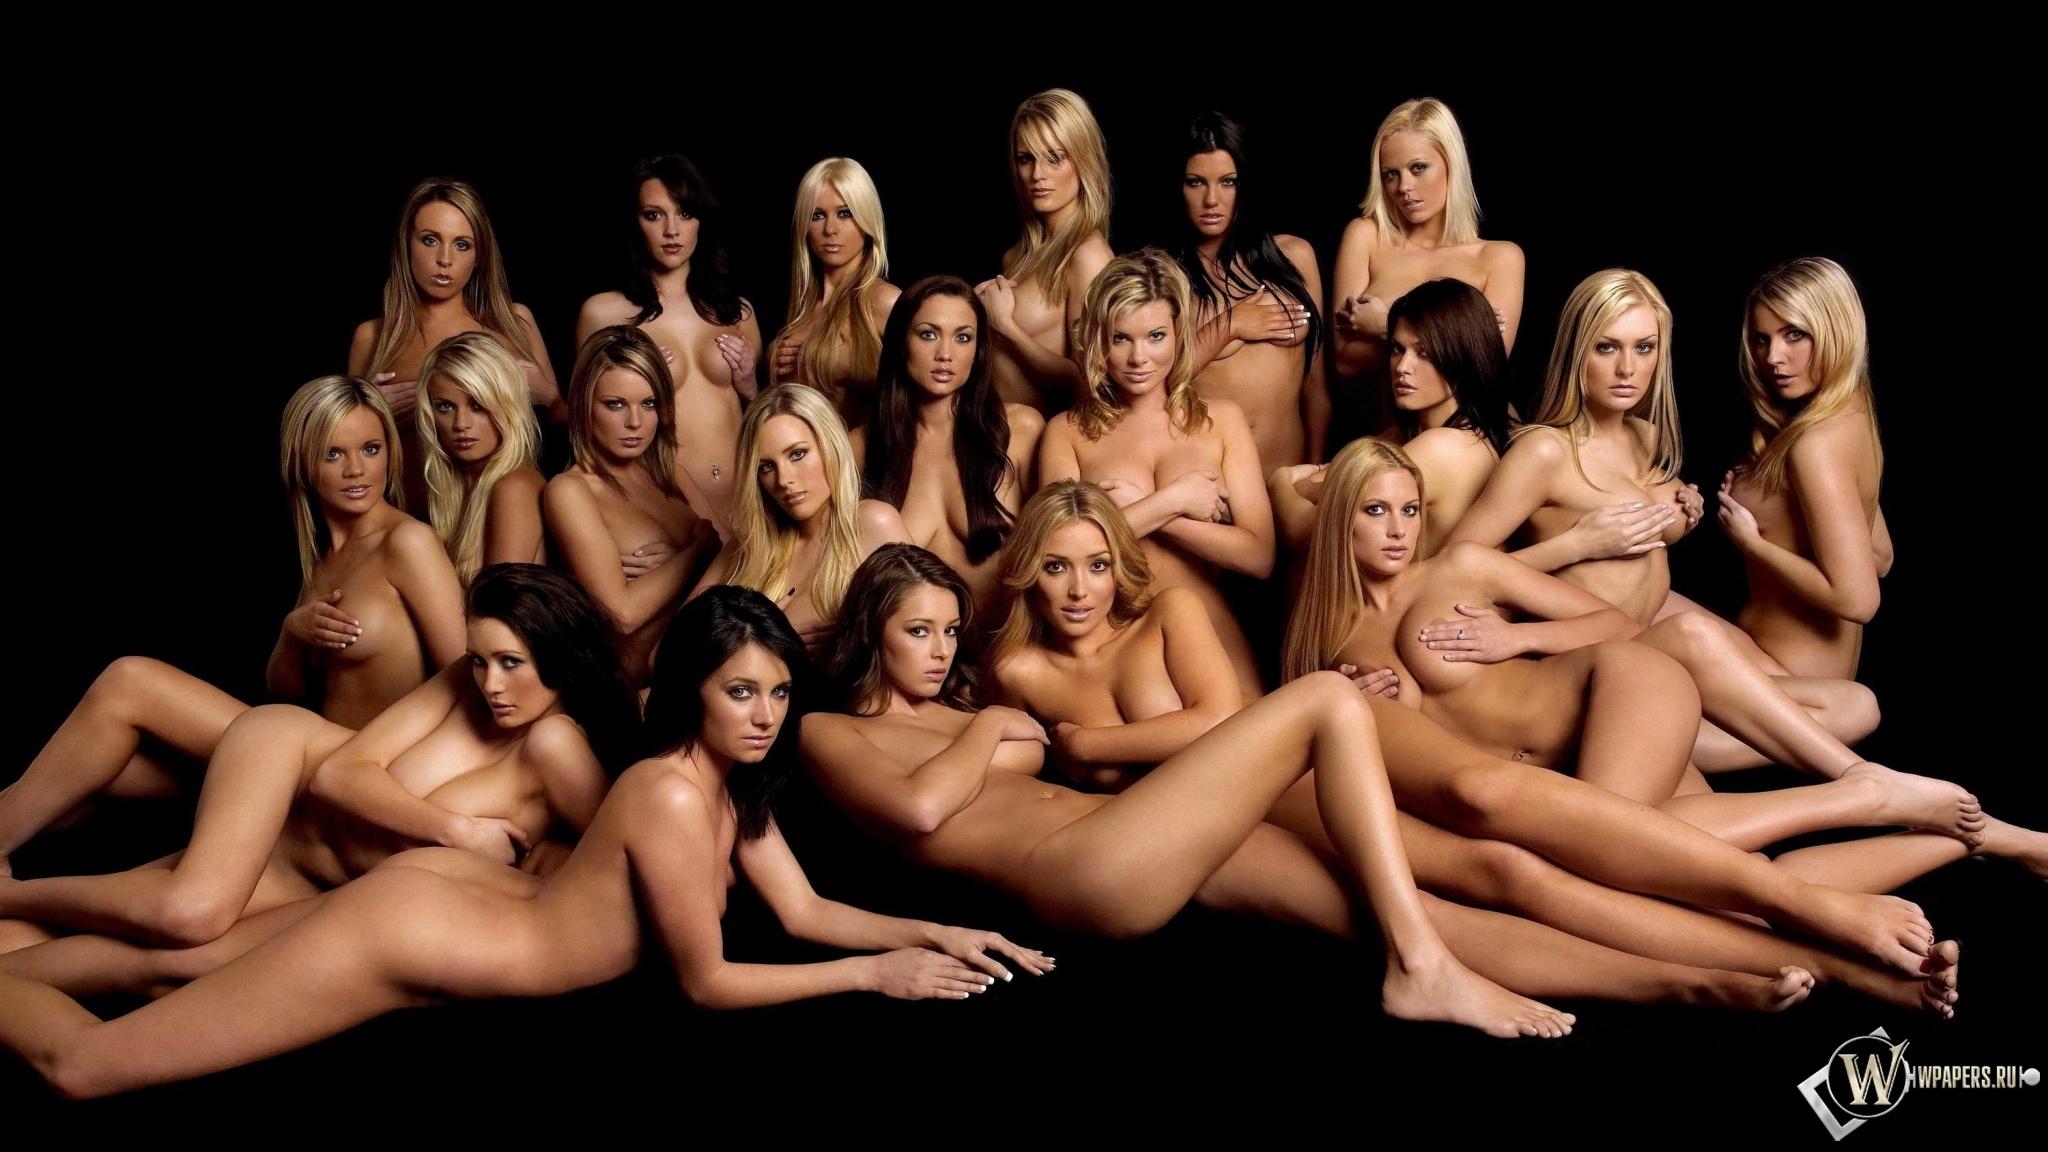 Смешные картинки голых людей